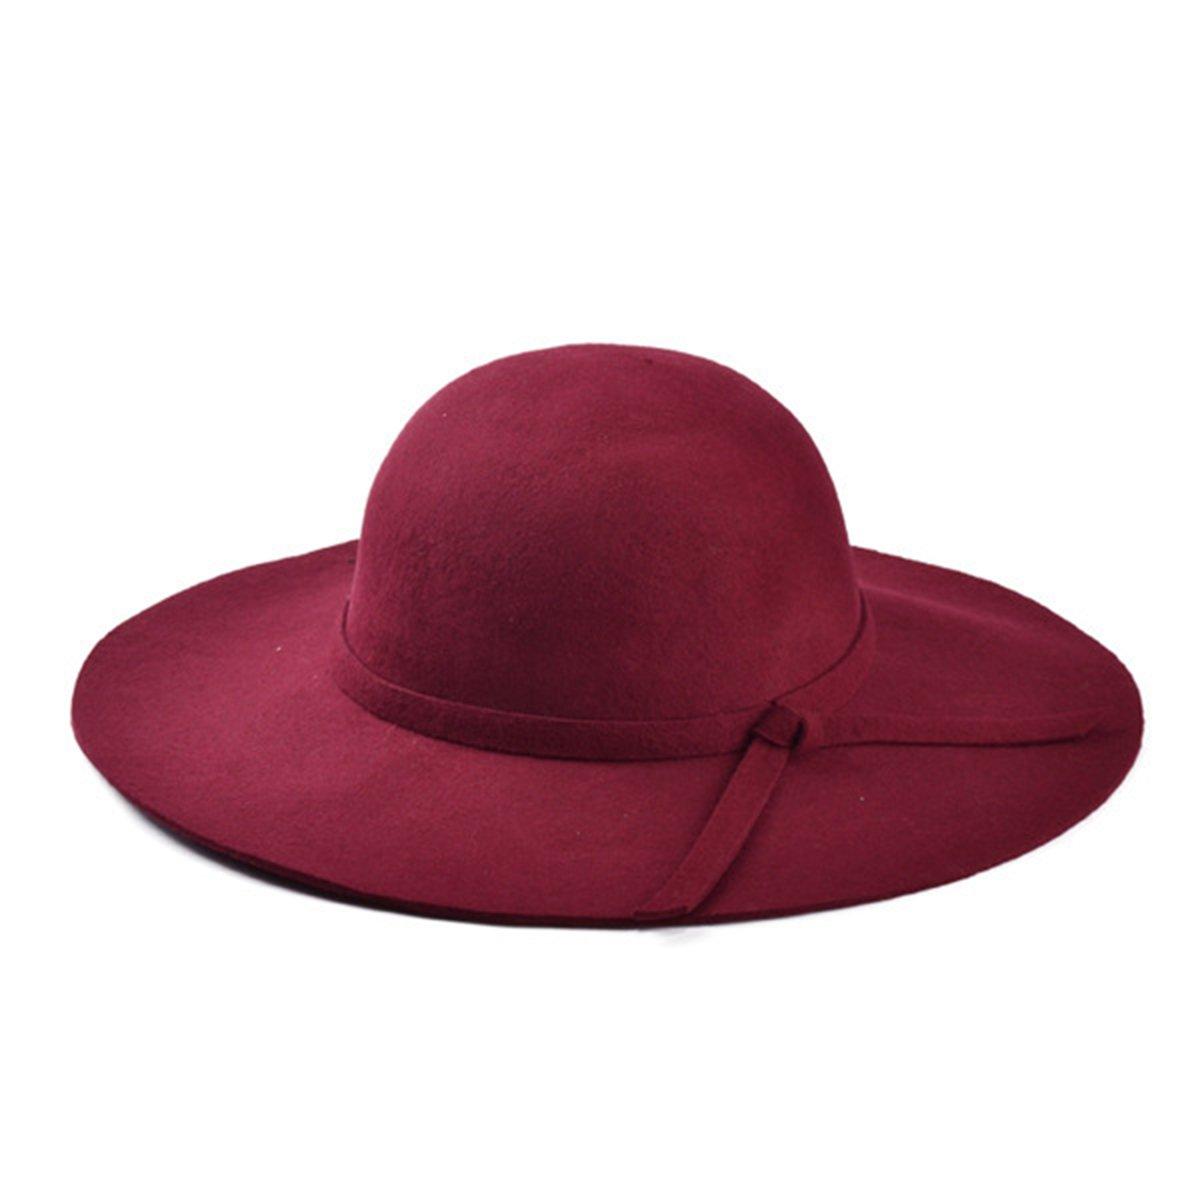 Rot Butterme Weiche Frauen Dame Weinlese schlaffe breite Rand Wolle Filz Bowler Fedora Hut schlaffe Cloche Bestes Weihnachtsgeschenk